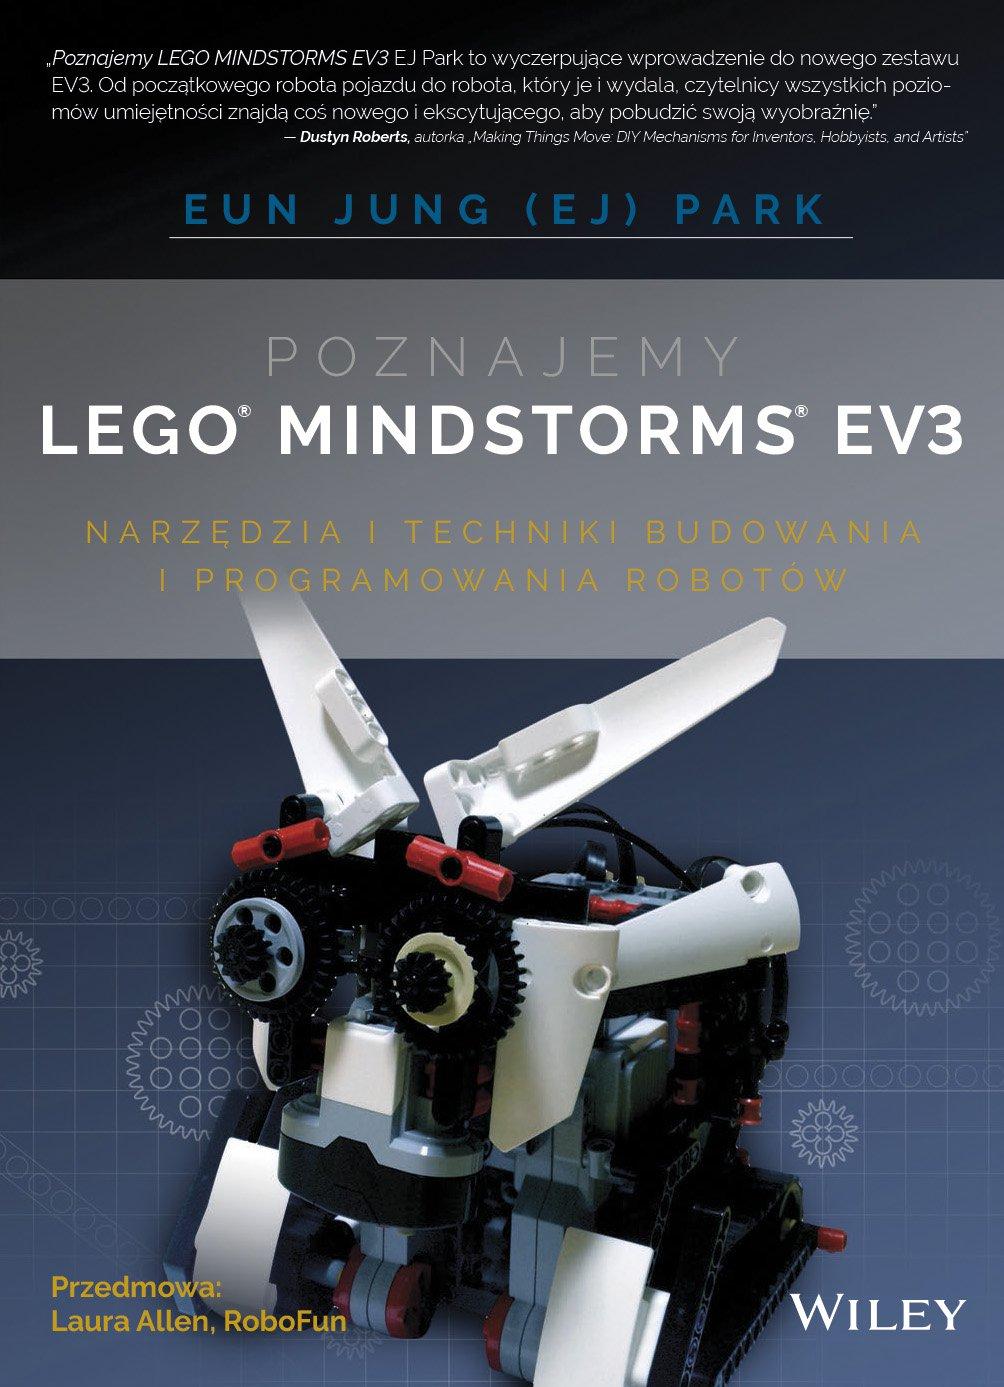 Poznajemy LEGO MINDSTORMS EV3 - Ebook (Książka PDF) do pobrania w formacie PDF